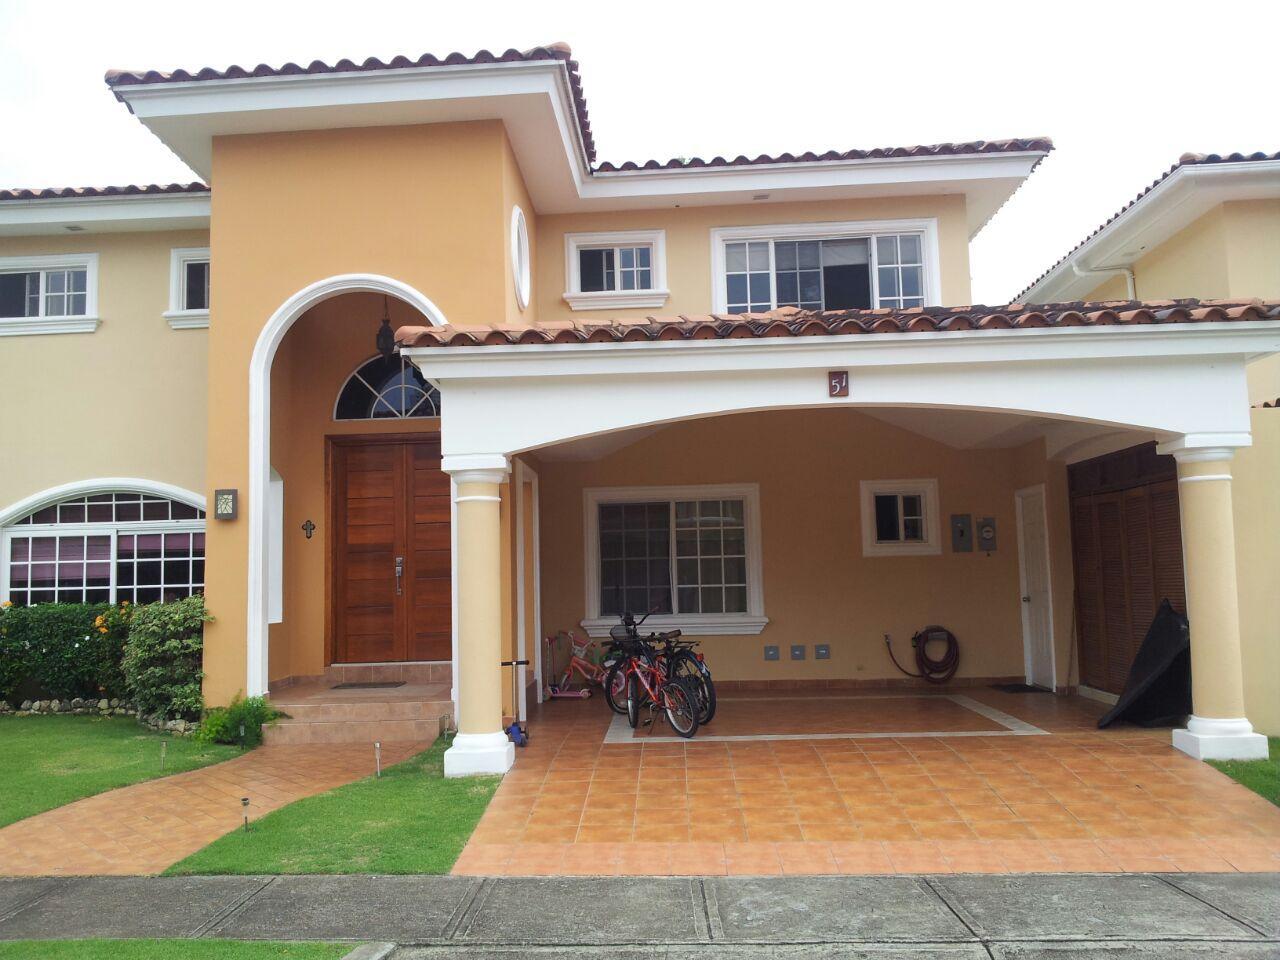 Vendo amplia y c moda casa en costa del este 4 recamaras 2 parking p60219 inmopanama for Casas pequenas y comodas